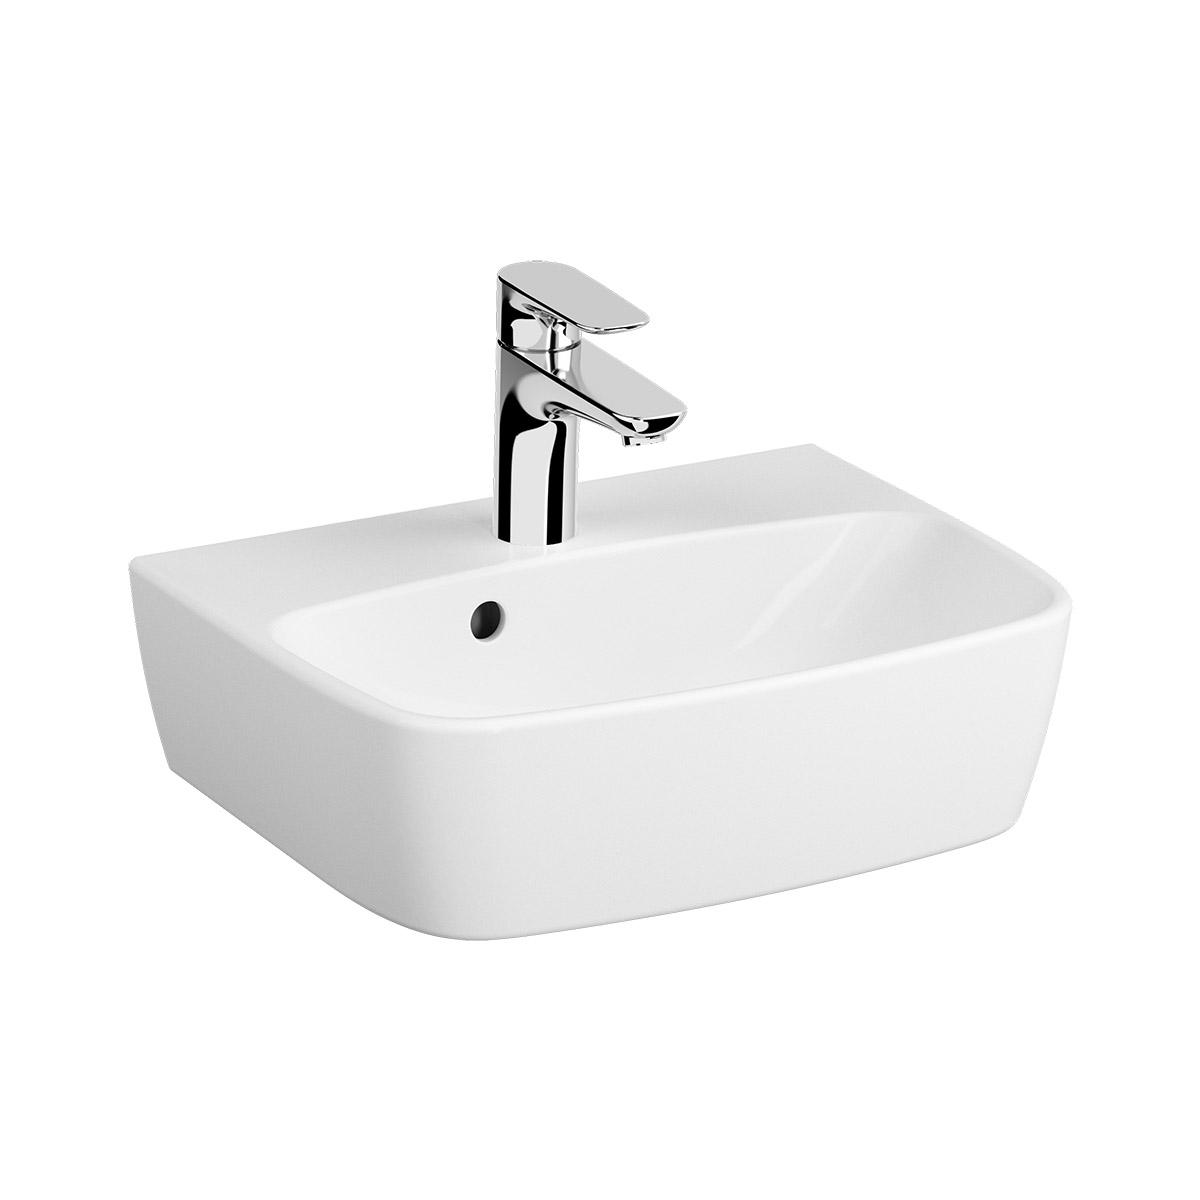 Shift Handwaschbecken 45 cm, Weiß